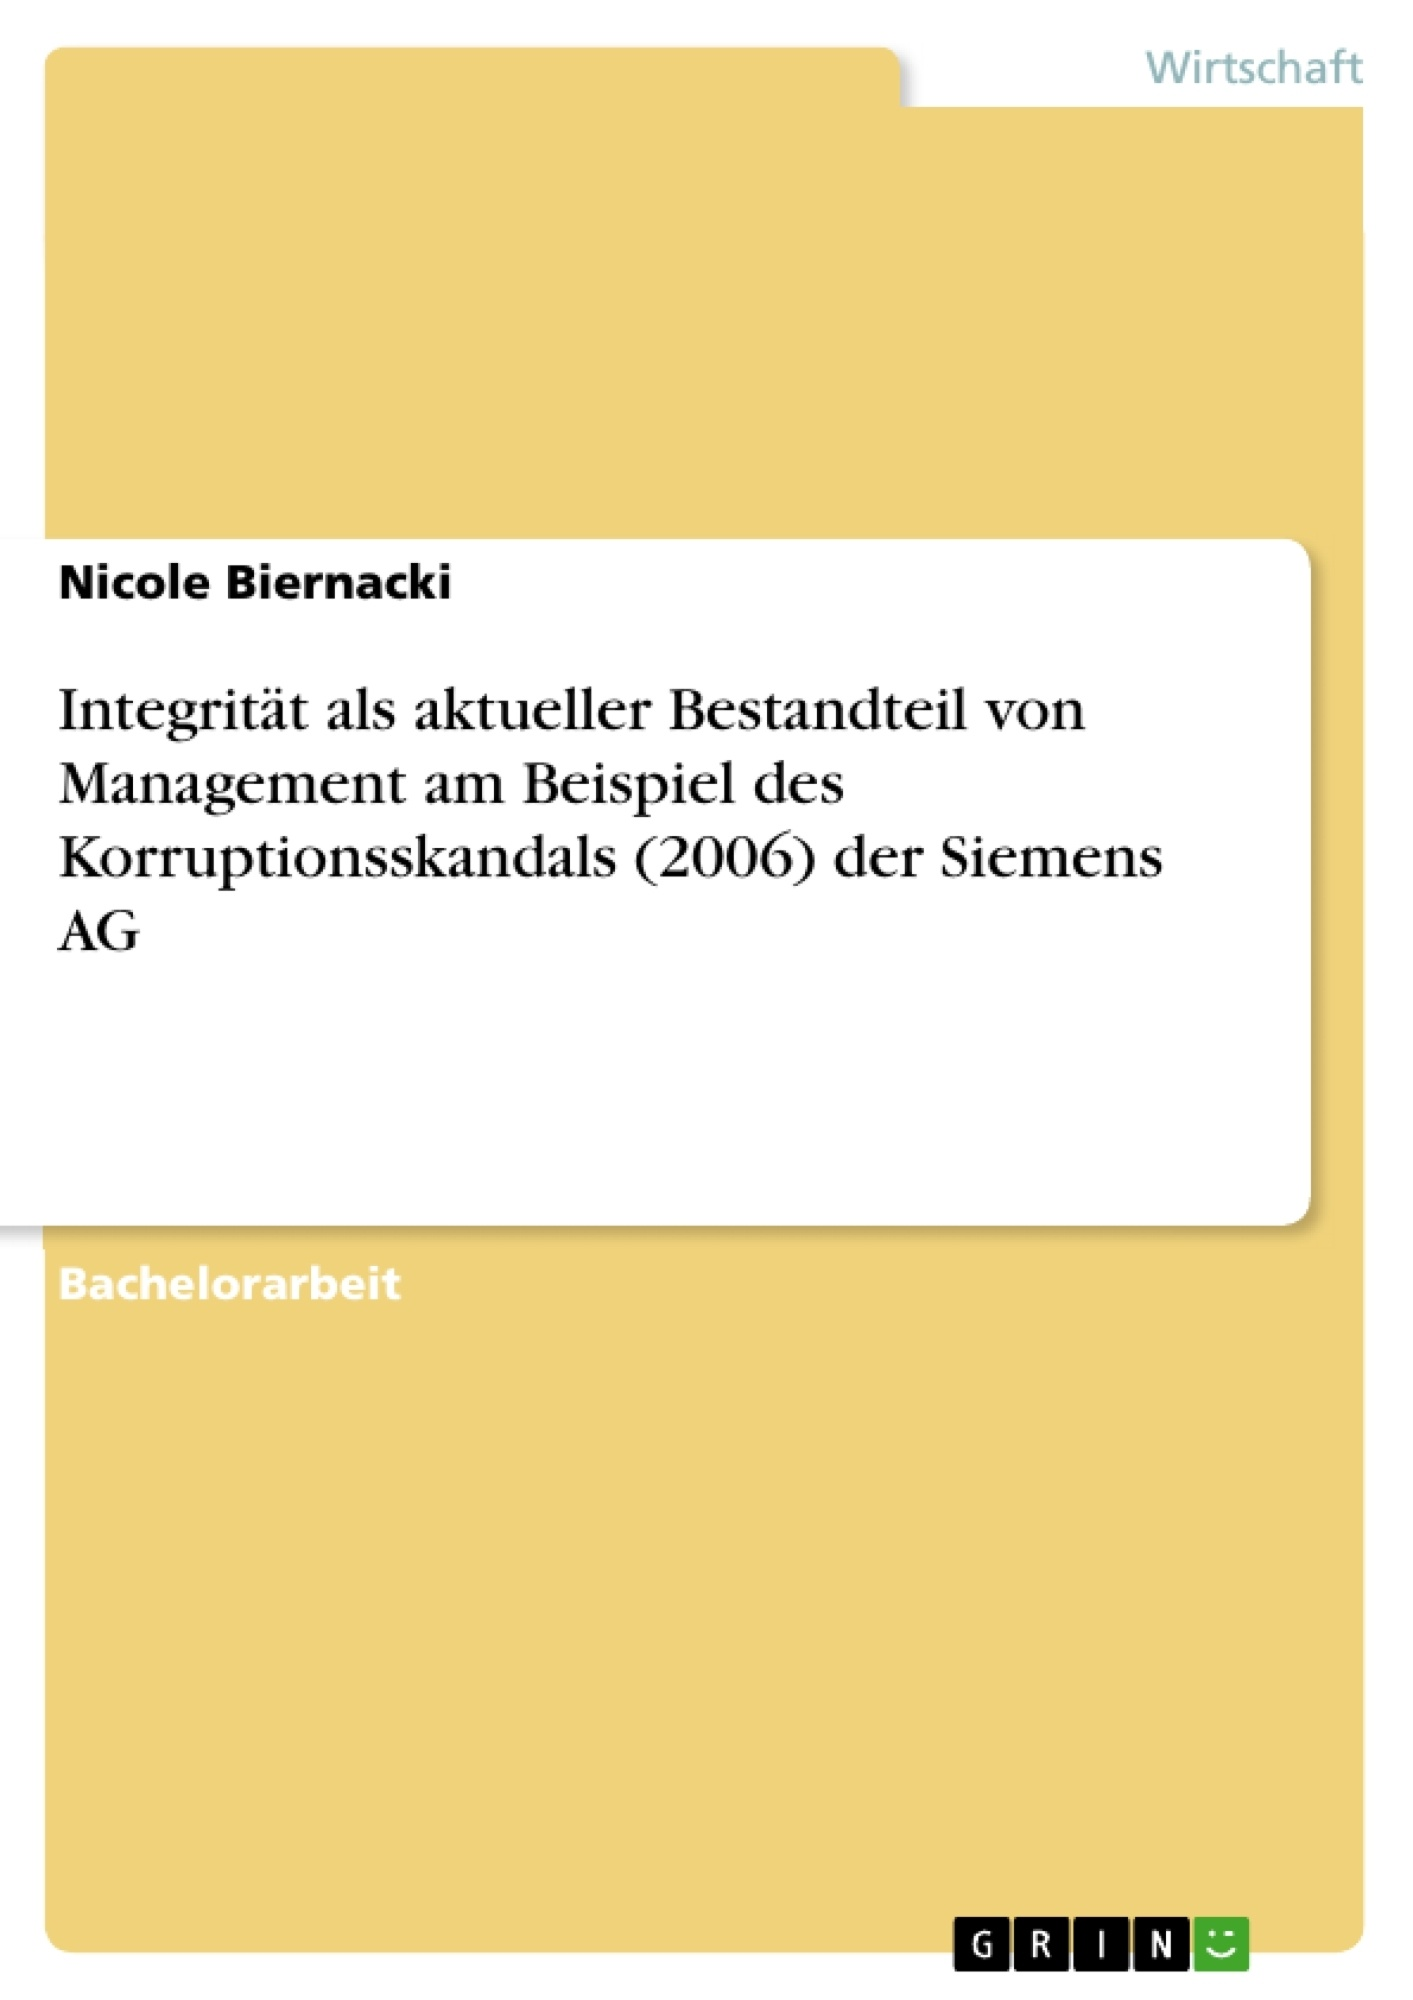 Titel: Integrität als aktueller Bestandteil von Management am Beispiel des Korruptionsskandals (2006) der Siemens AG